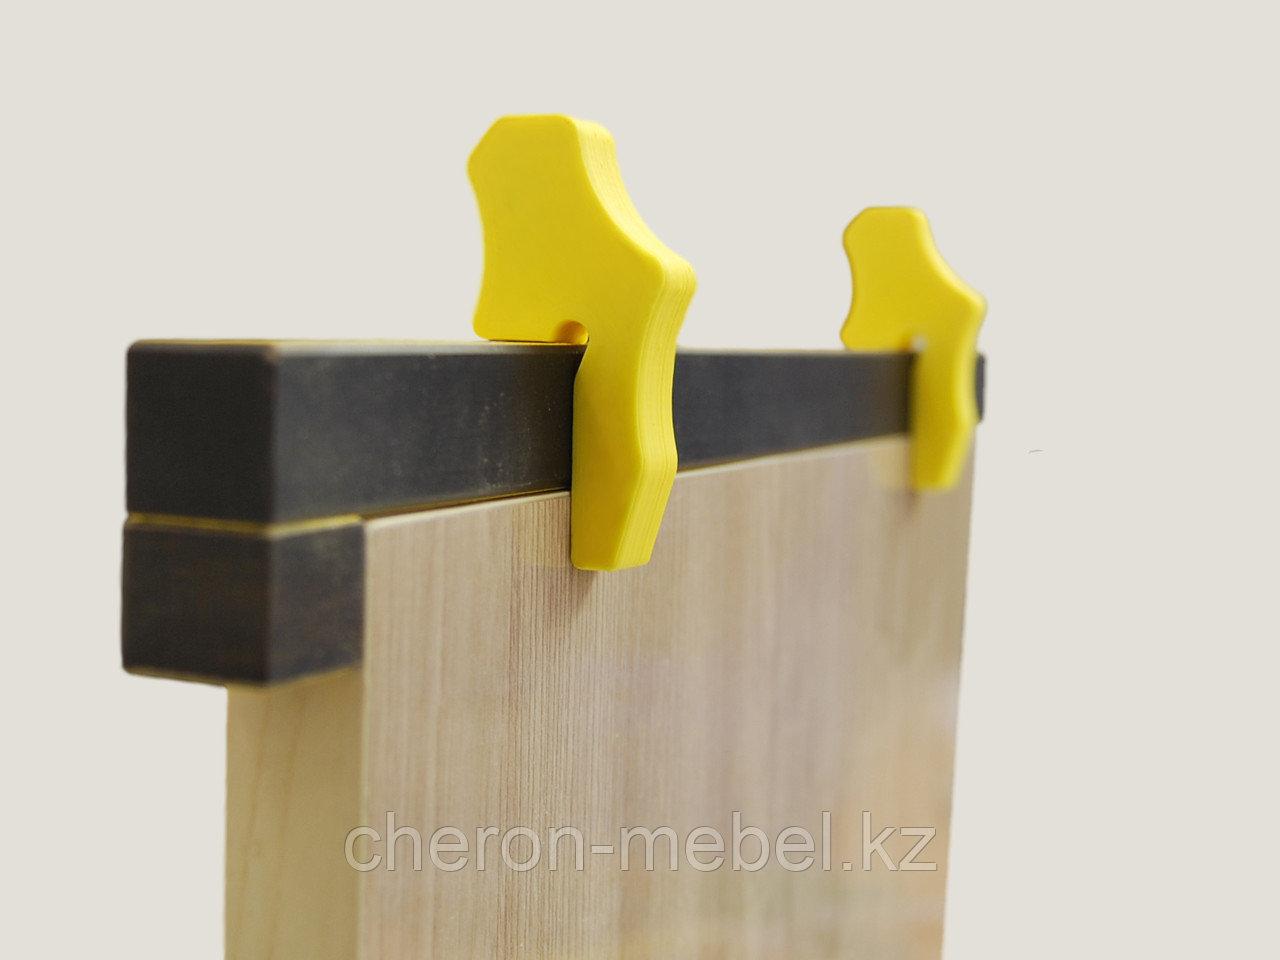 Упор для кондуктора втулки 5 мм (для плиты 16 мм)